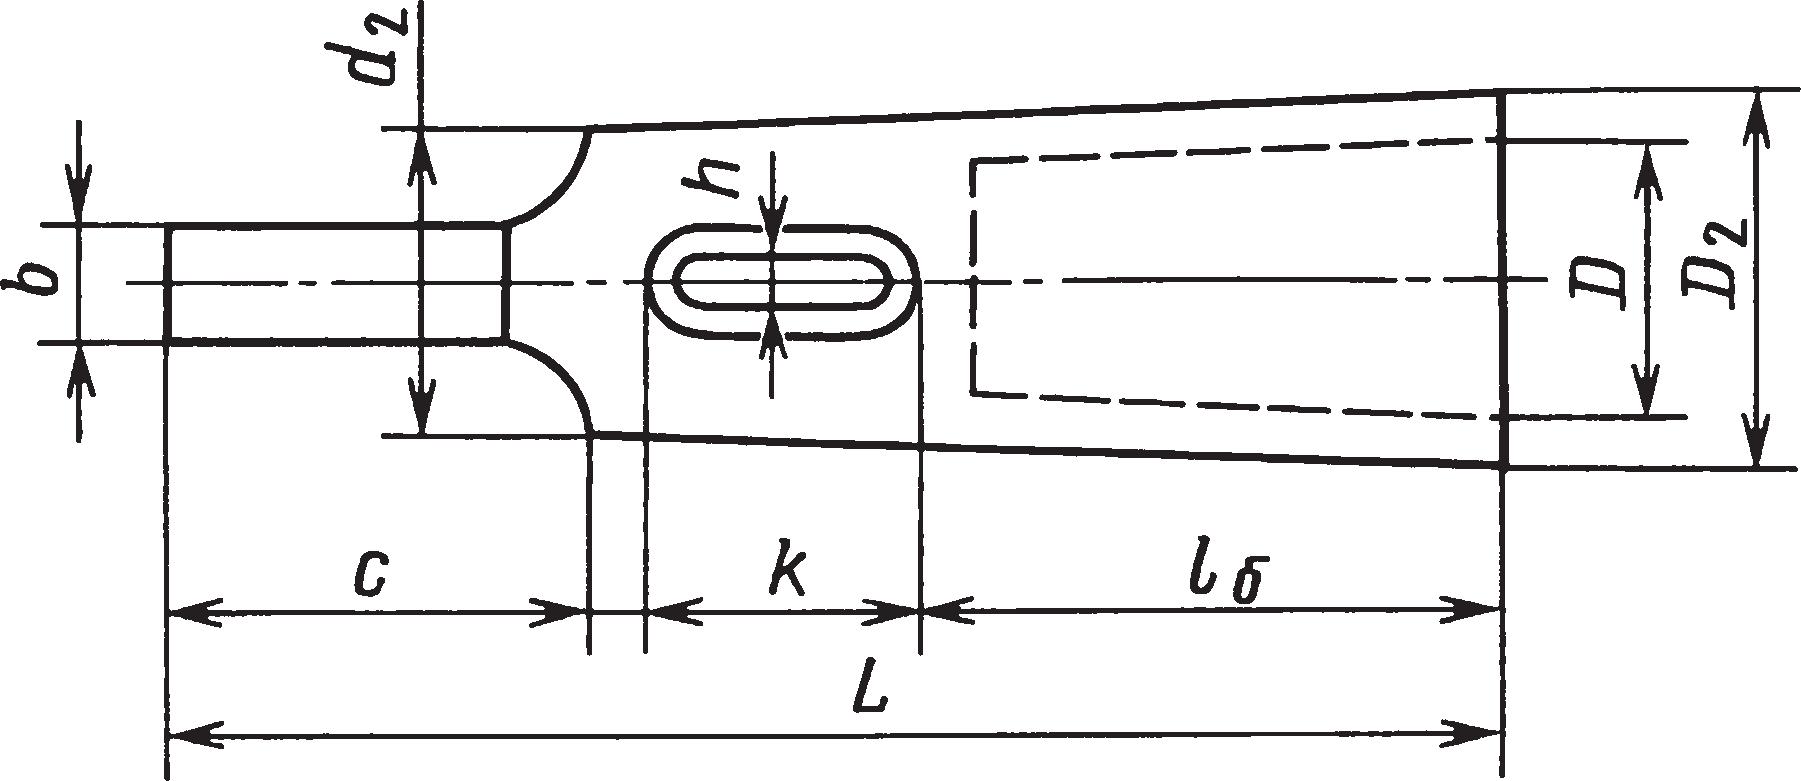 Переходные короткие втулки для инструмента с конусным хвостовиком